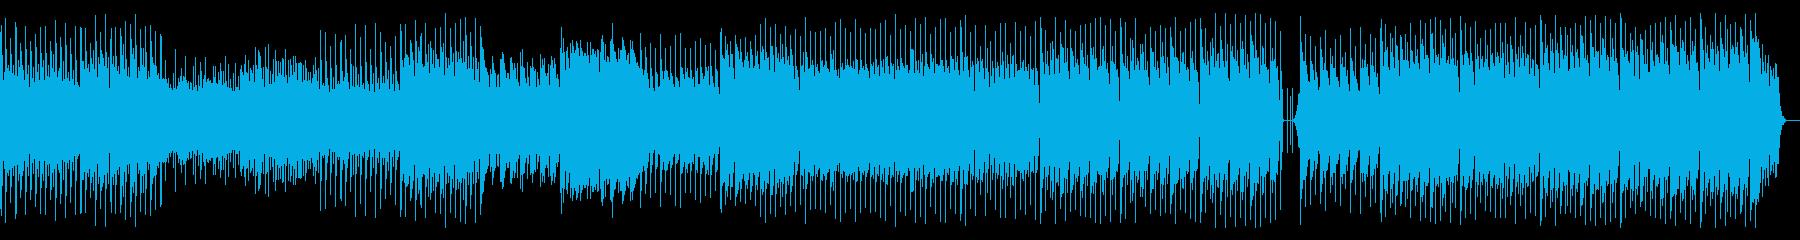 おおらかで優しいイメージのテクノインストの再生済みの波形